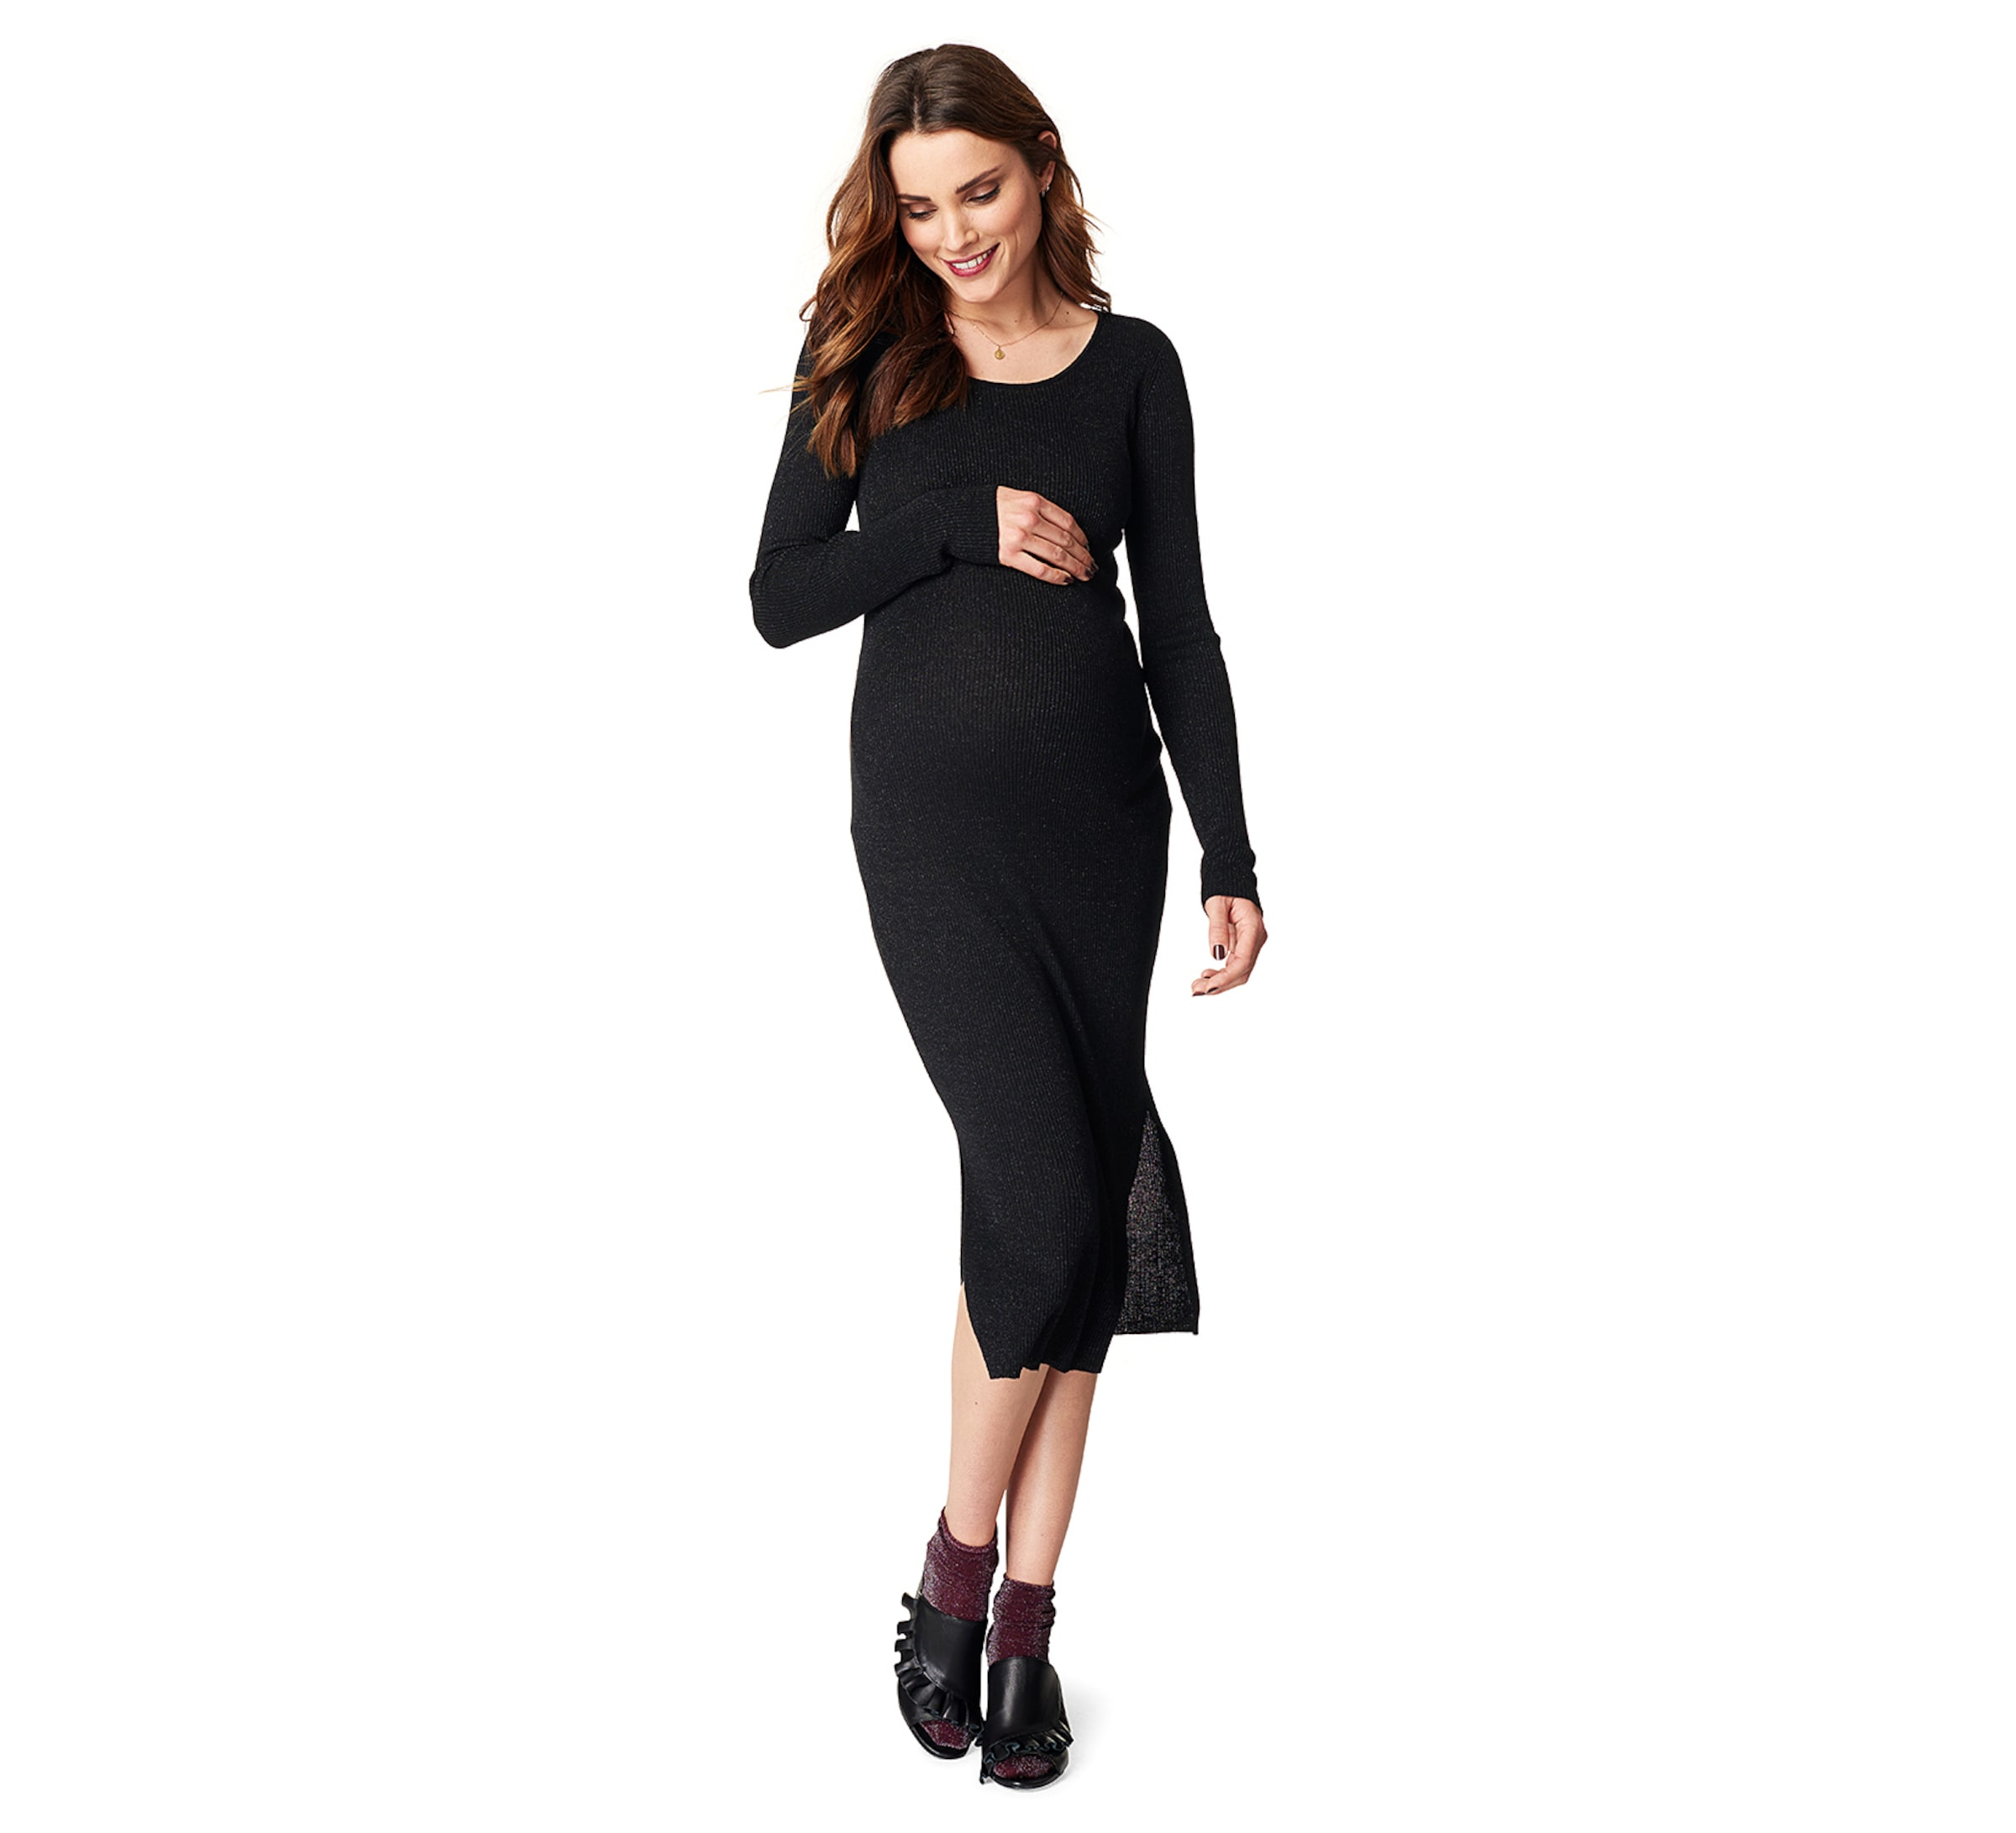 Schwarz Kleid Noppies In 'jasmijn' Noppies Kleid 6Yby7fgv